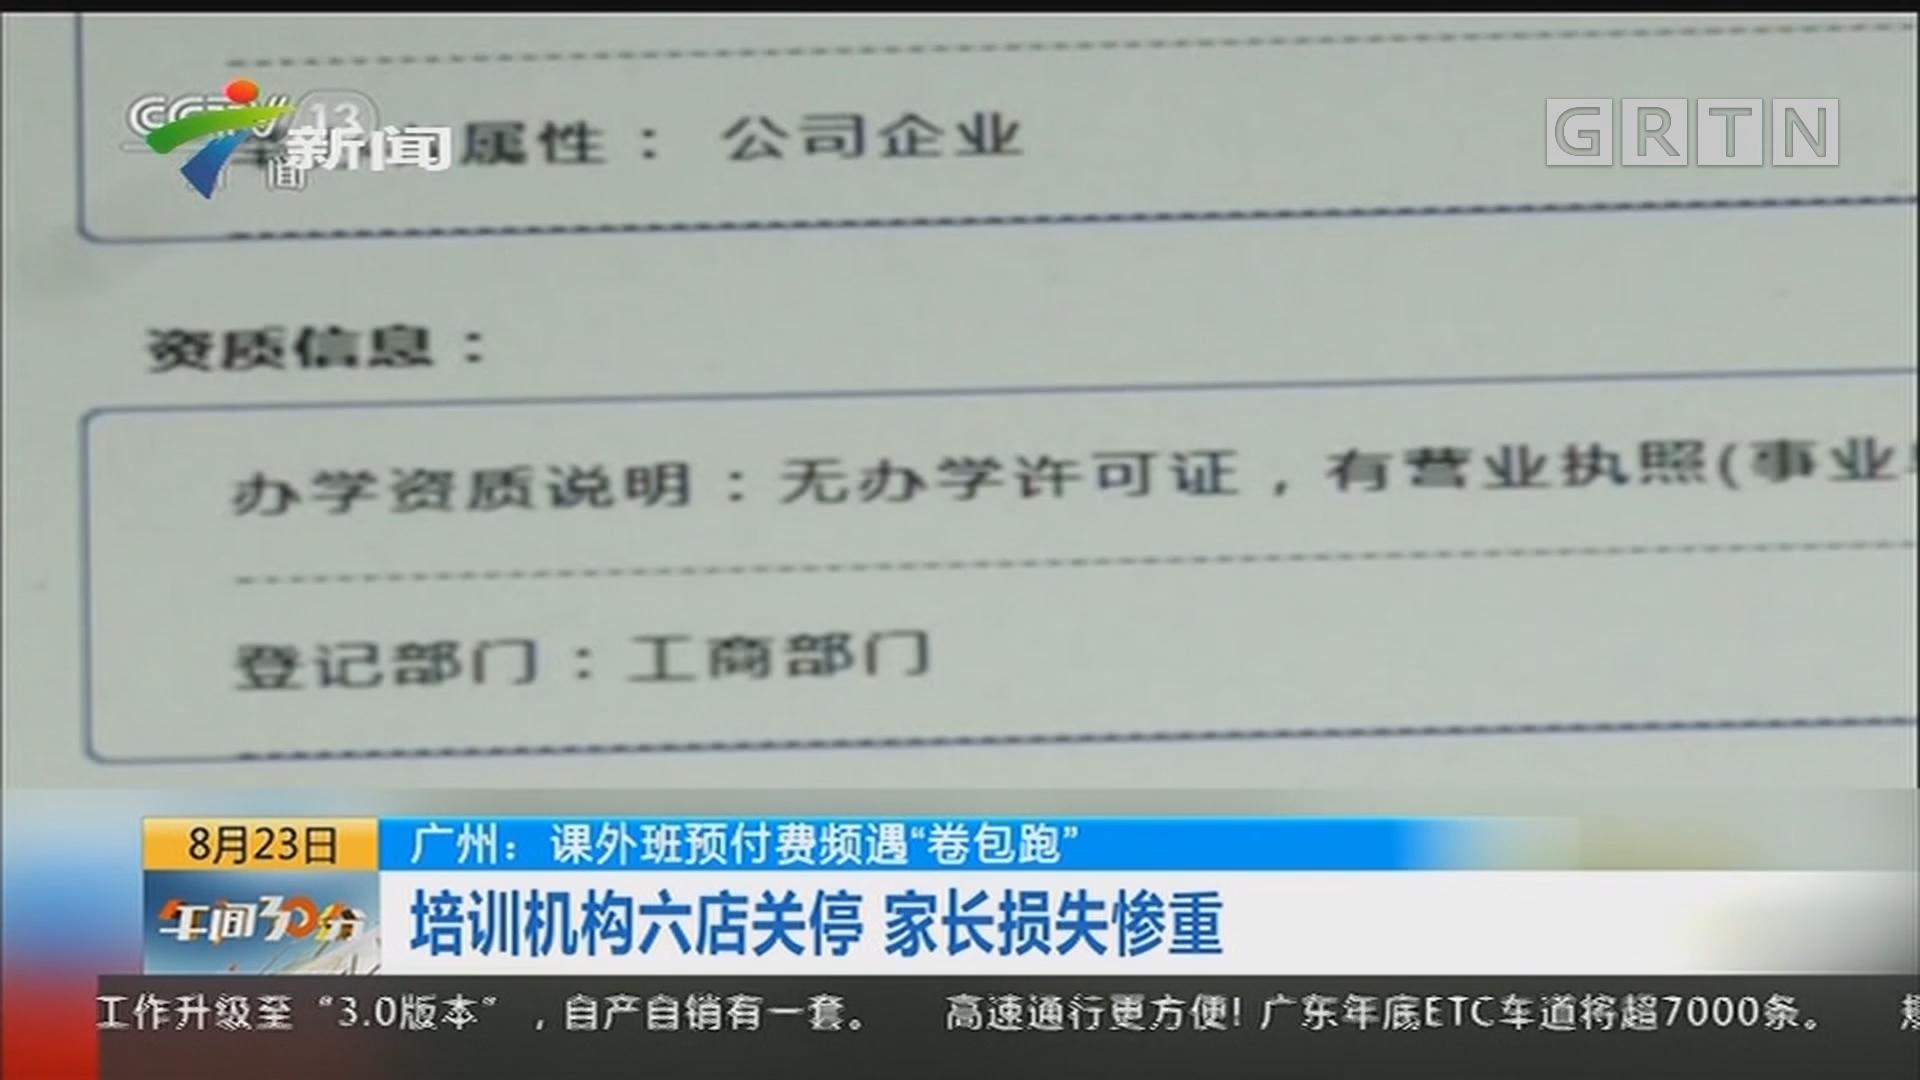 """广州:课外班预付费频遇""""卷包跑"""" 培训机构六点关停 家长损失惨重"""